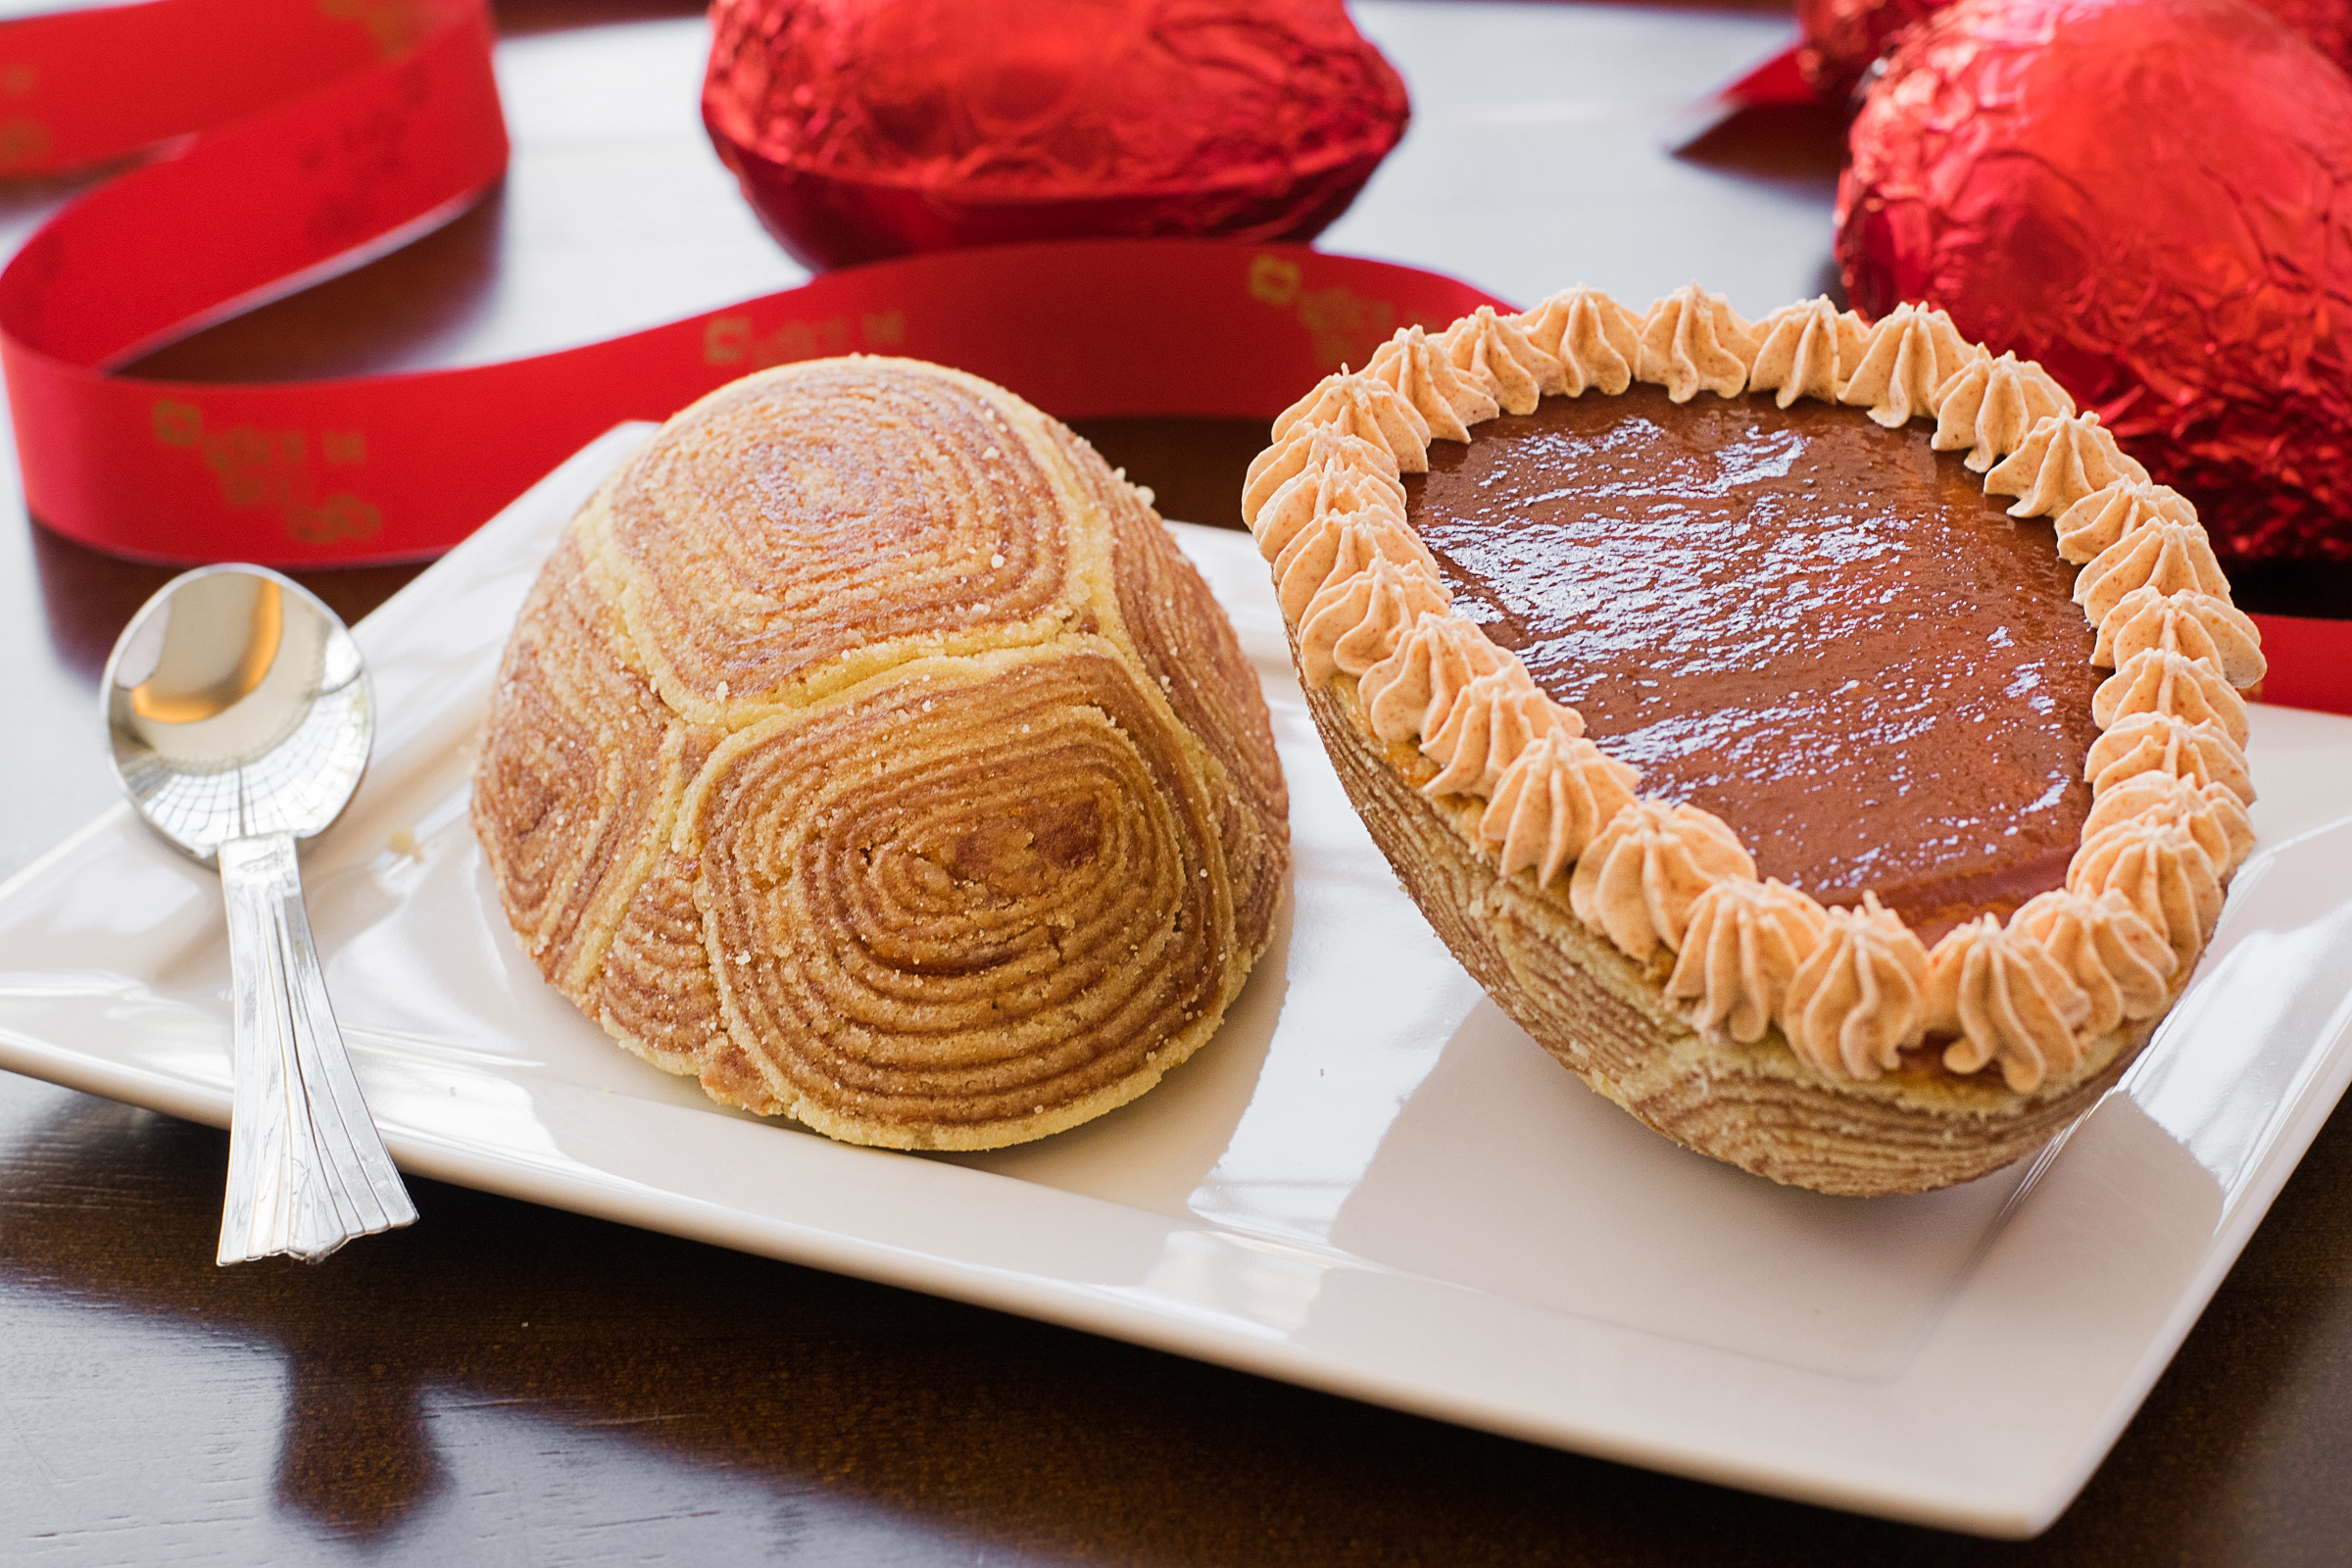 Ovo de bolo de rolo da Sabor de Beijo - Crédito: Divulgação/Sabor de Beijo